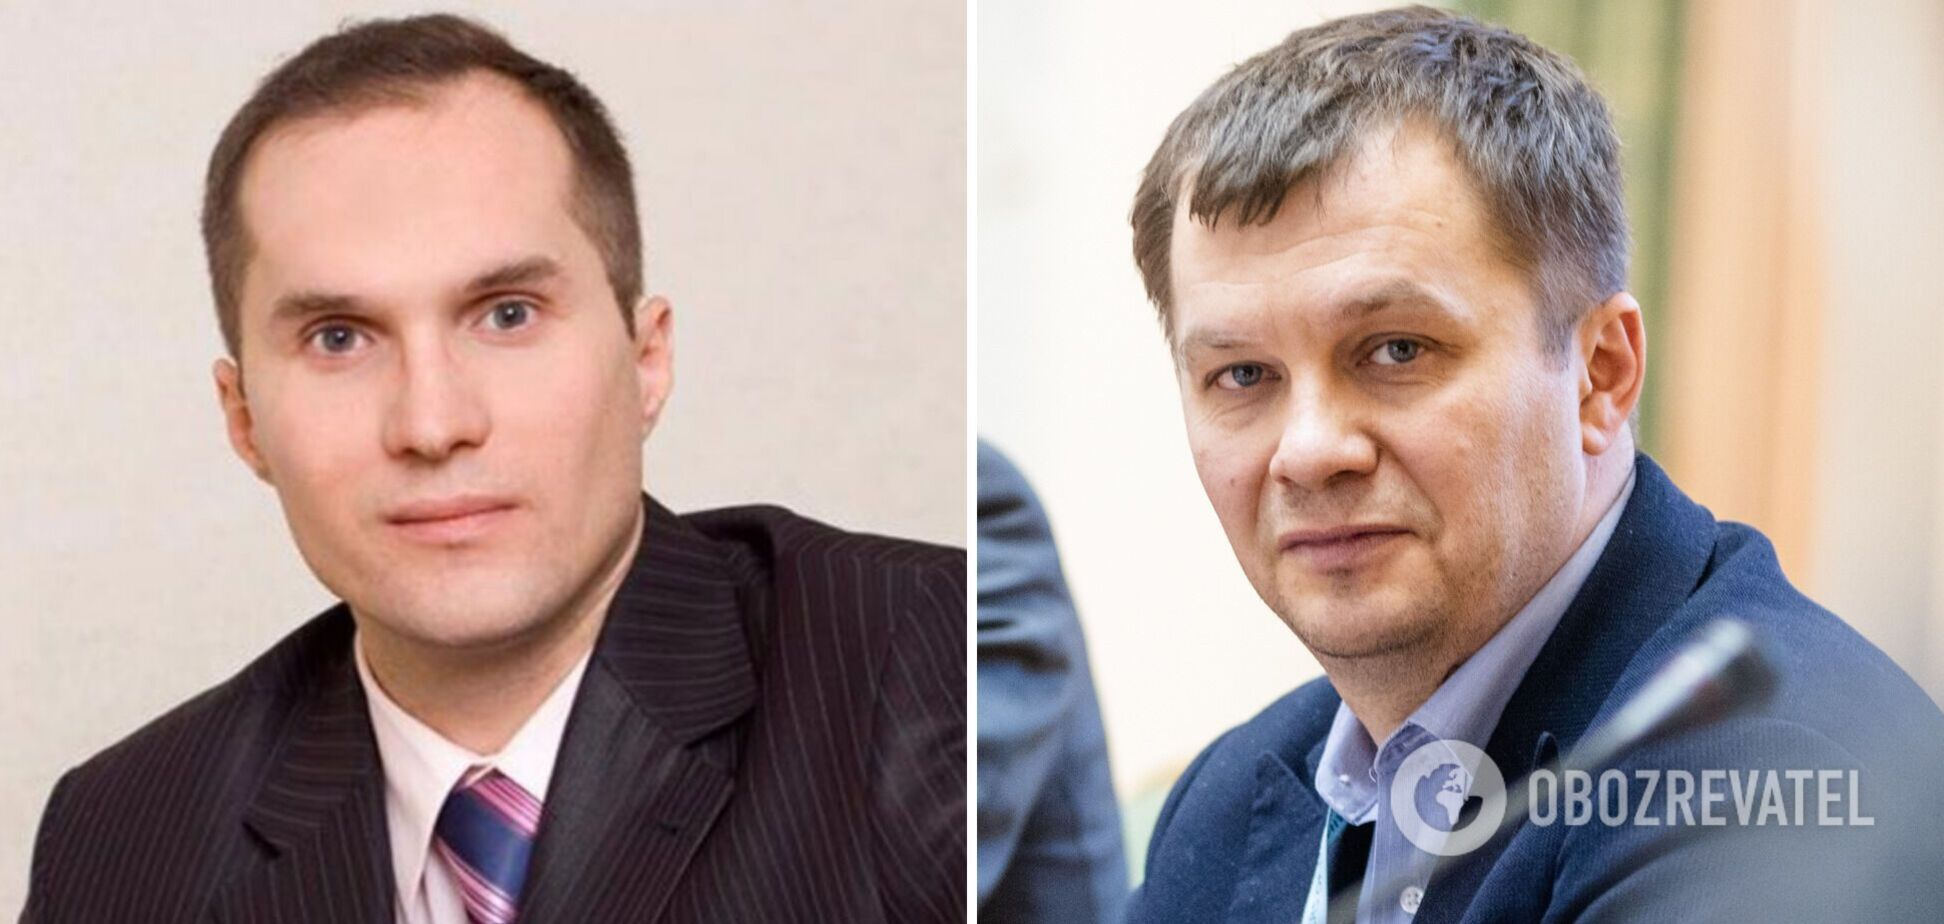 Взятка Милованову от Укроборонпрома: какова цель исследования КШЭ